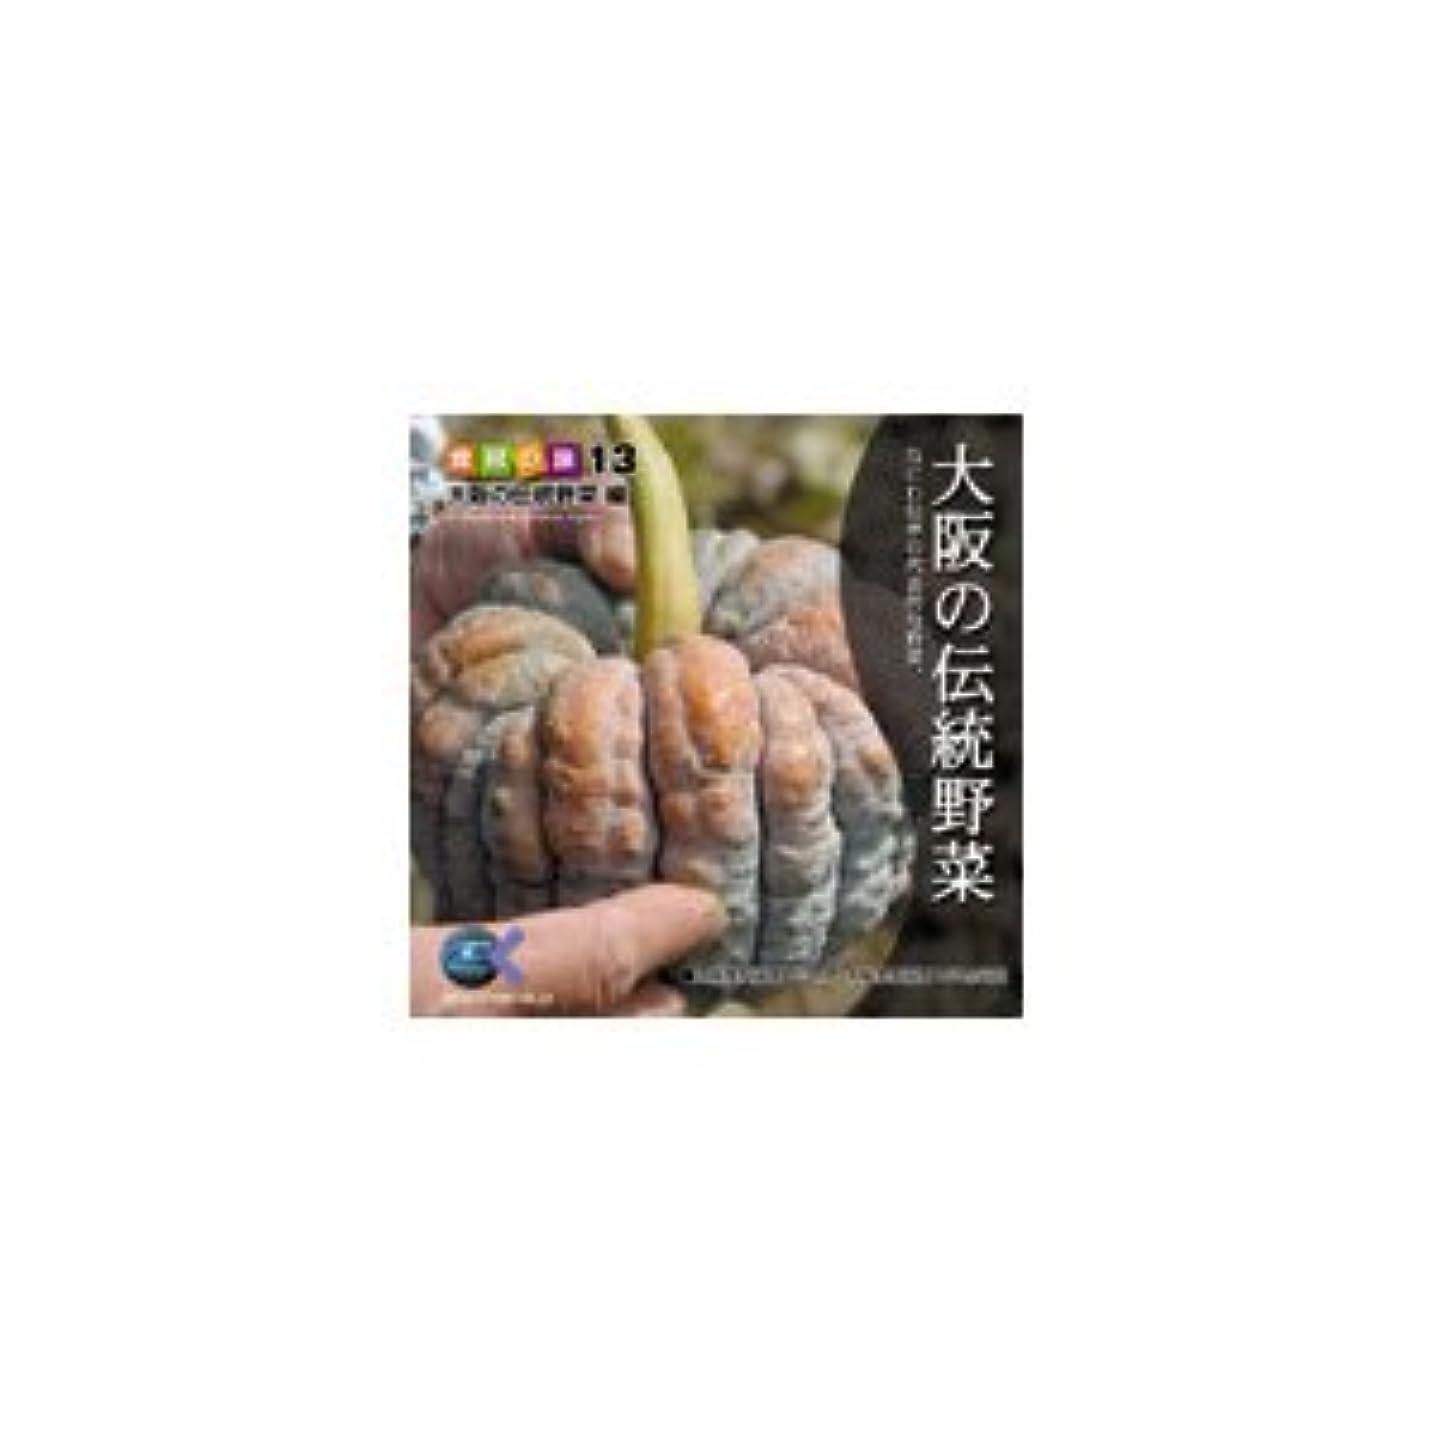 連続した恐ろしいシングル写真素材 マルク 食材の旅13 「大阪の伝統野菜」編 ds-67413